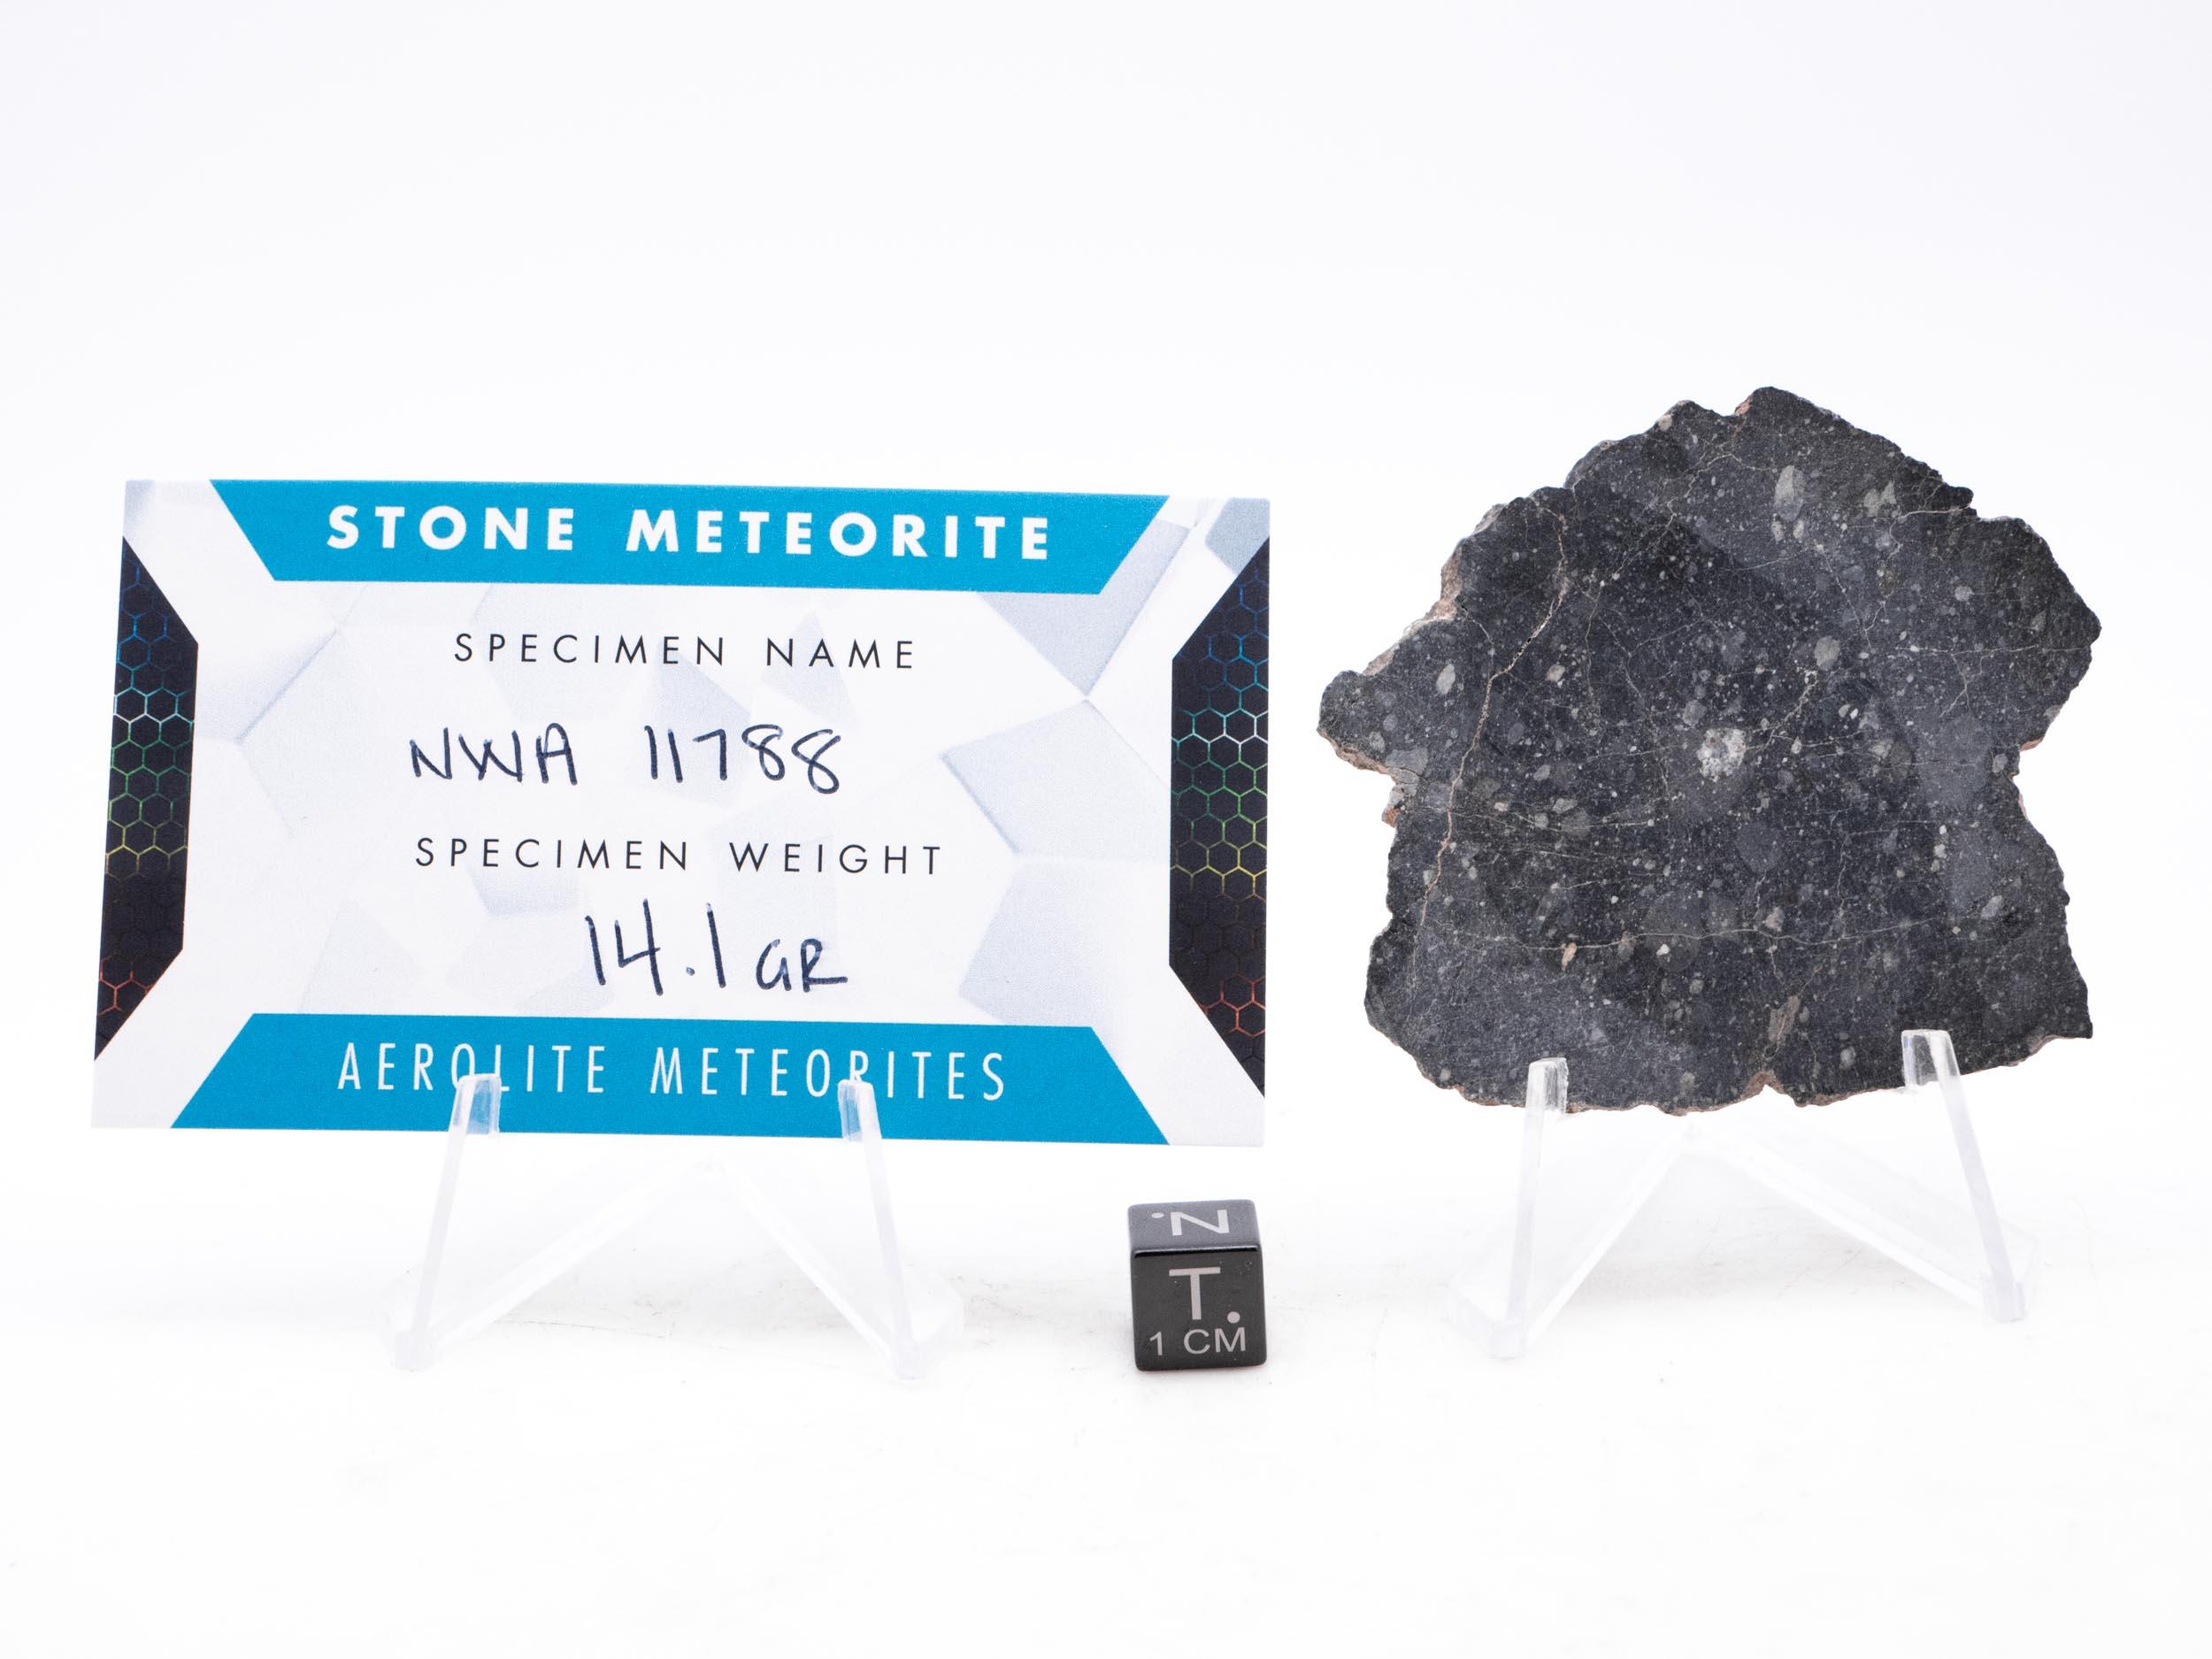 lunar meteorite 14 1 g 2